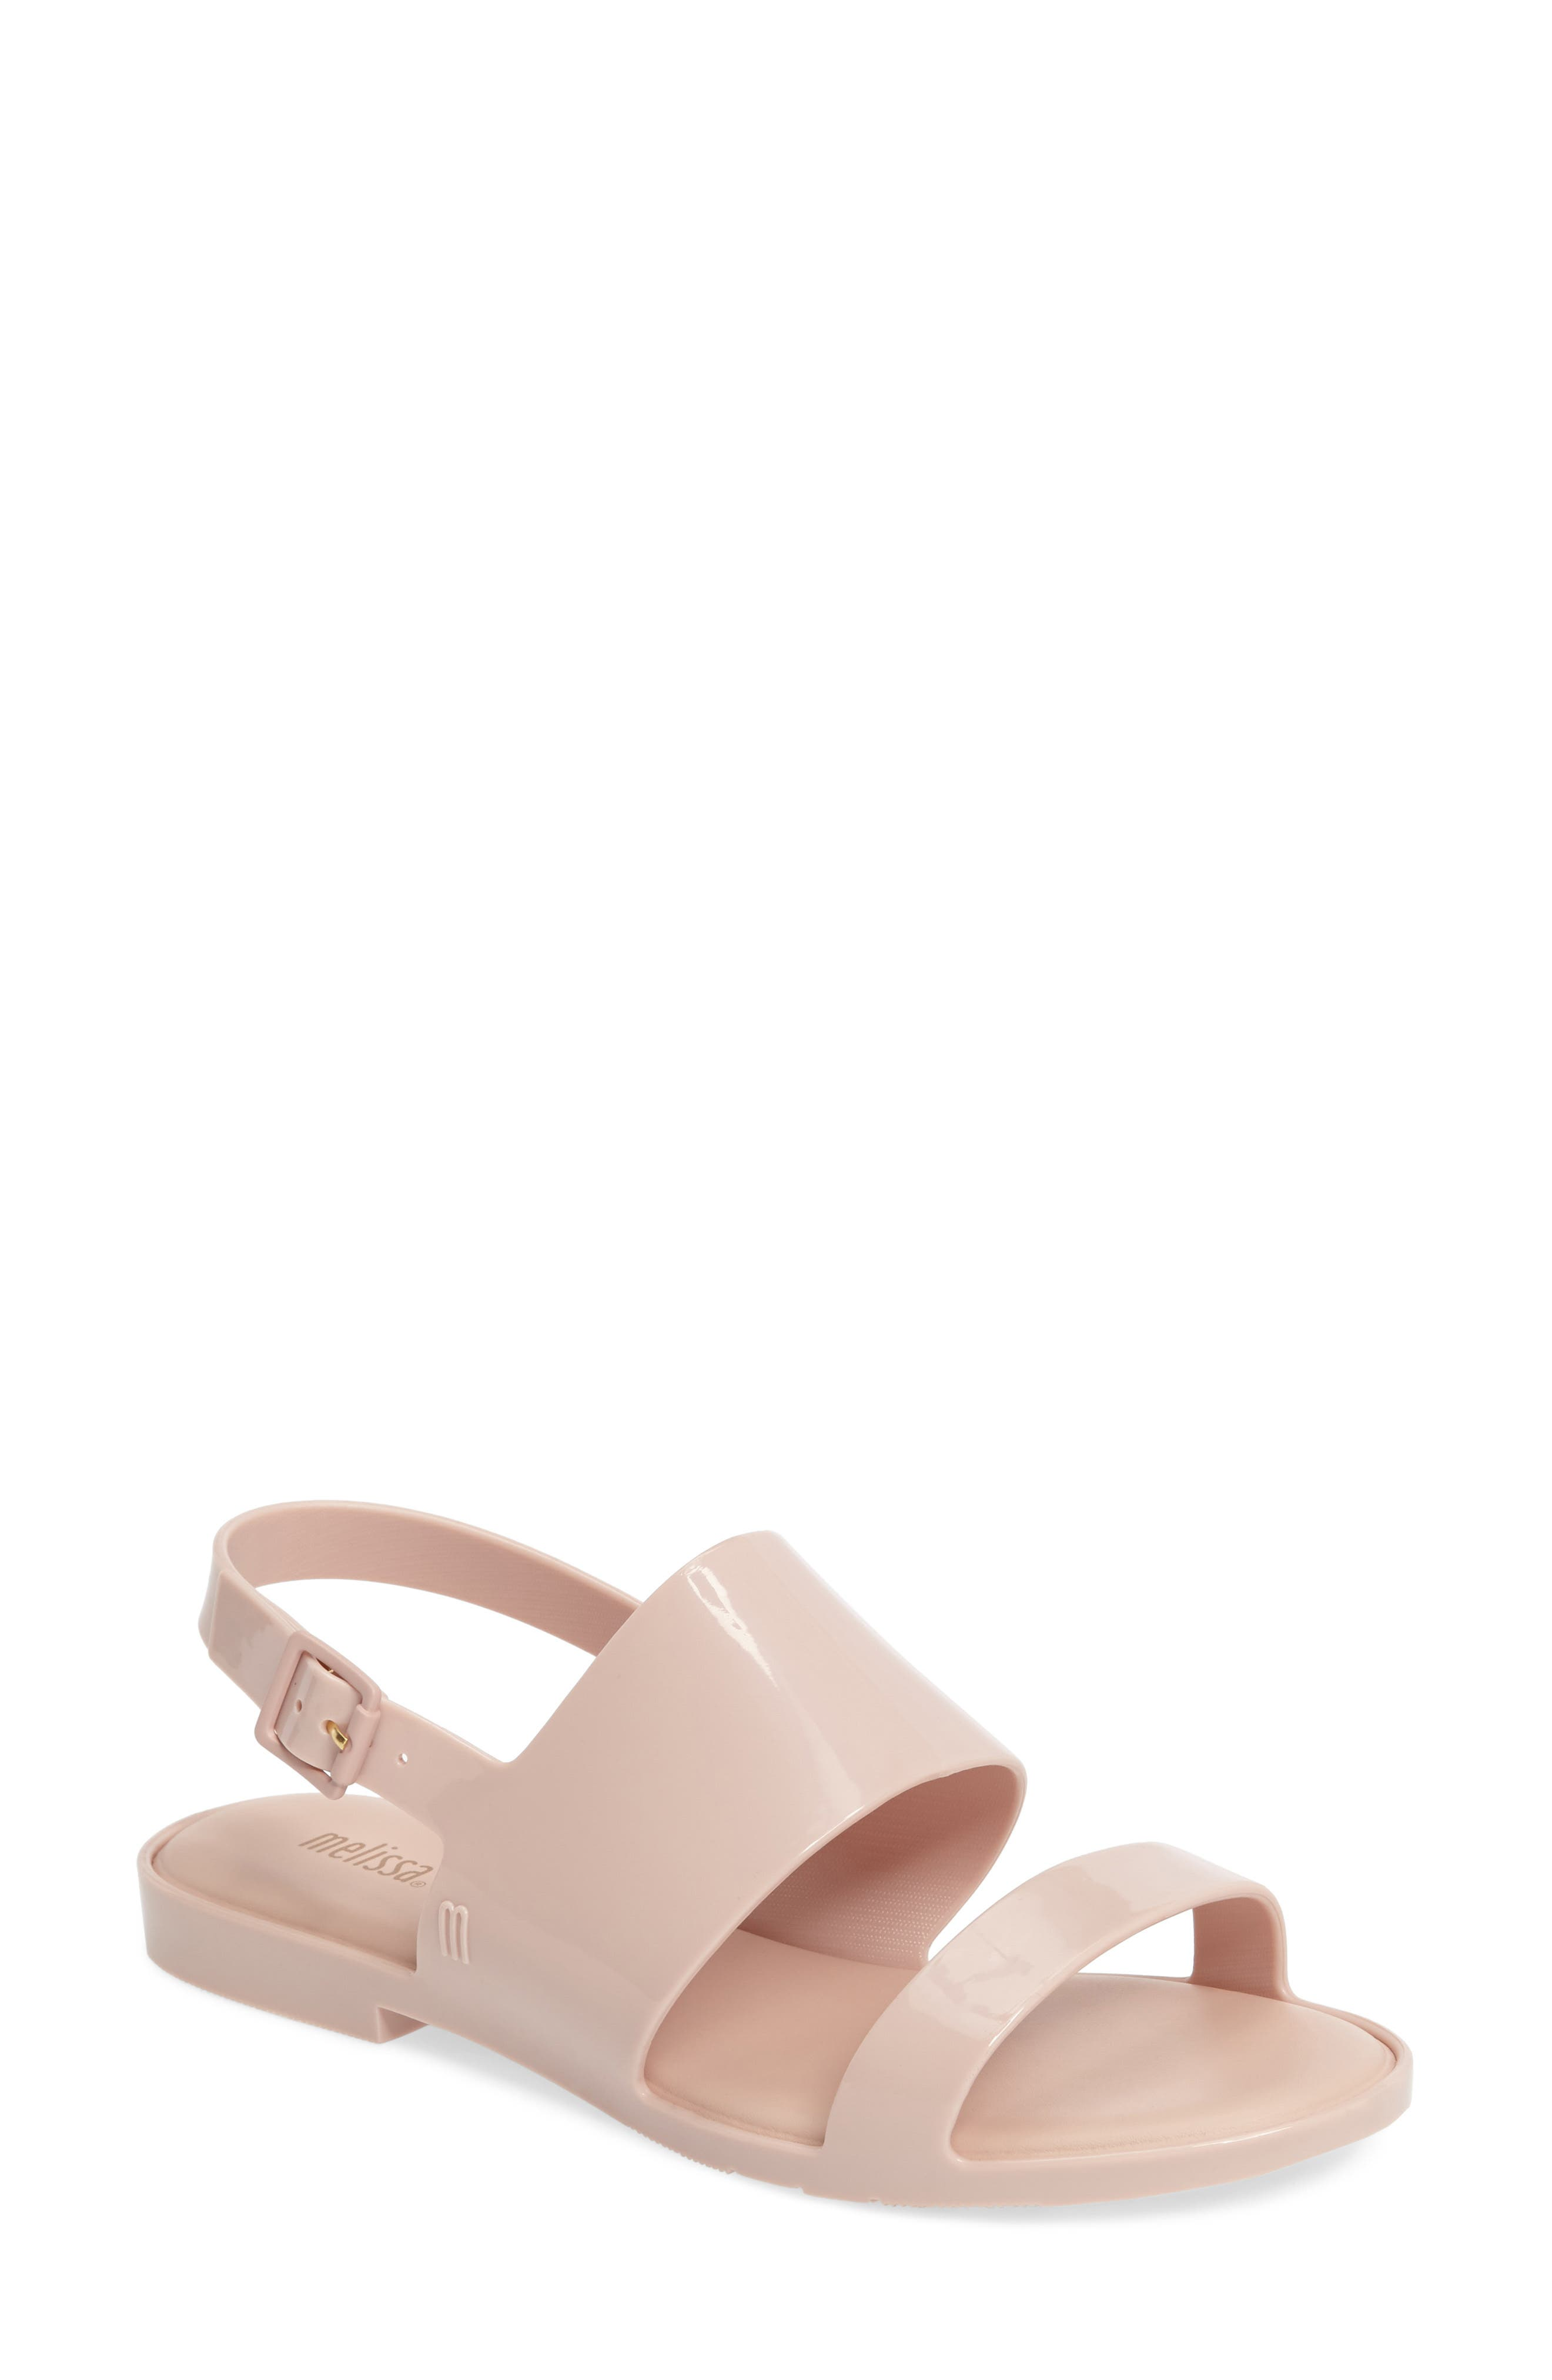 Melissa Classy Slingback Sandal (Women)